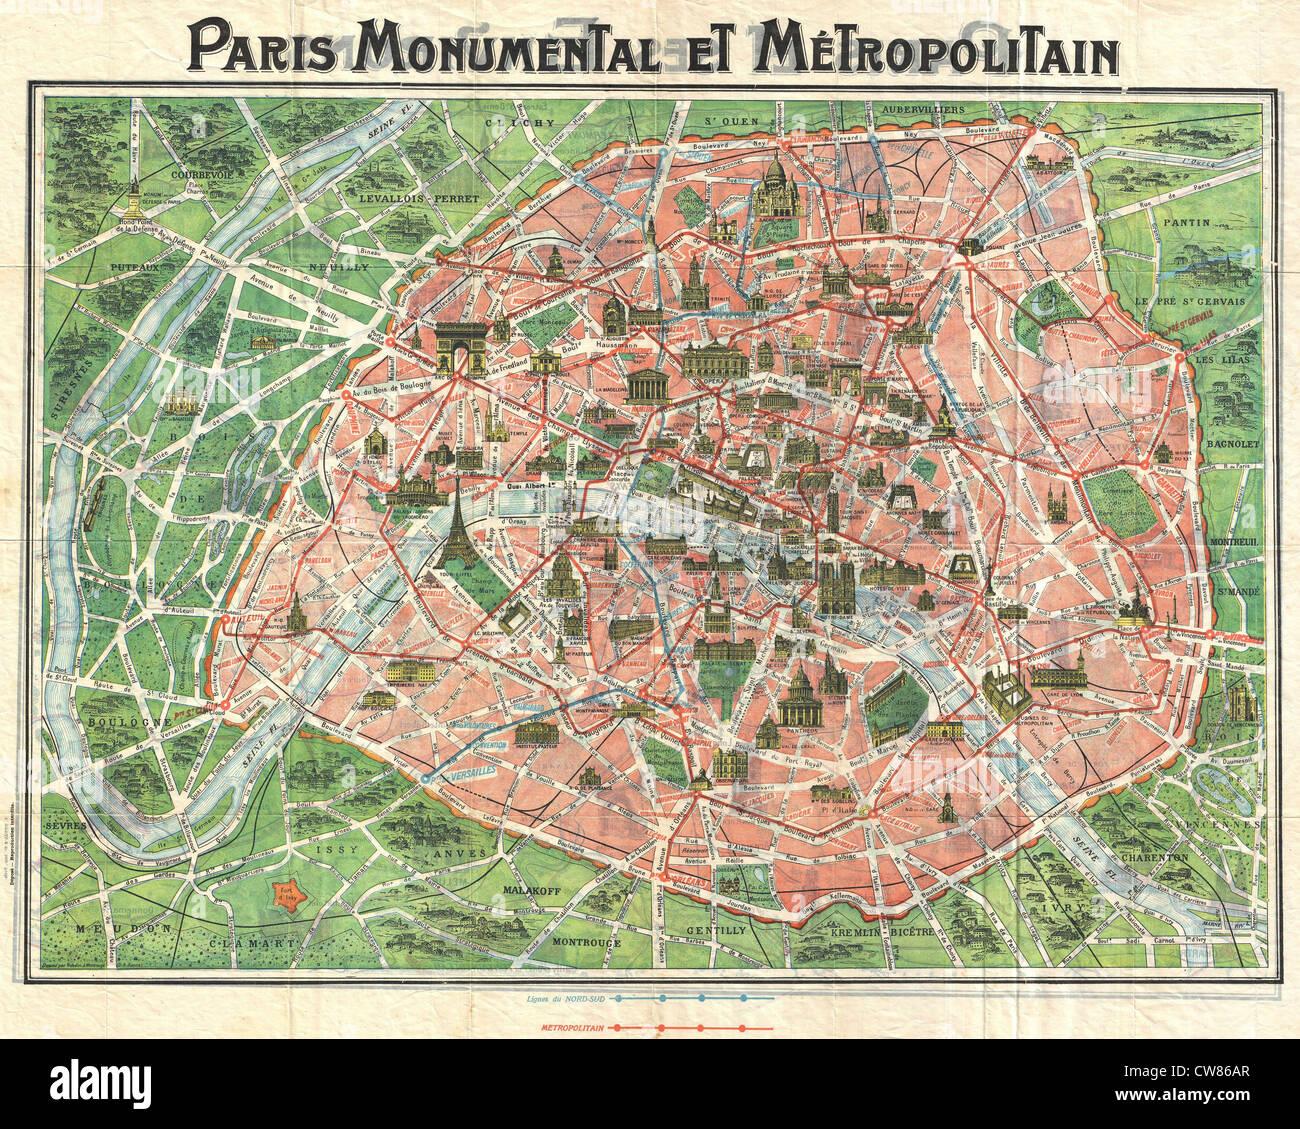 1920 Art Nouveau Monument Map of Paris, France - - Stock Image